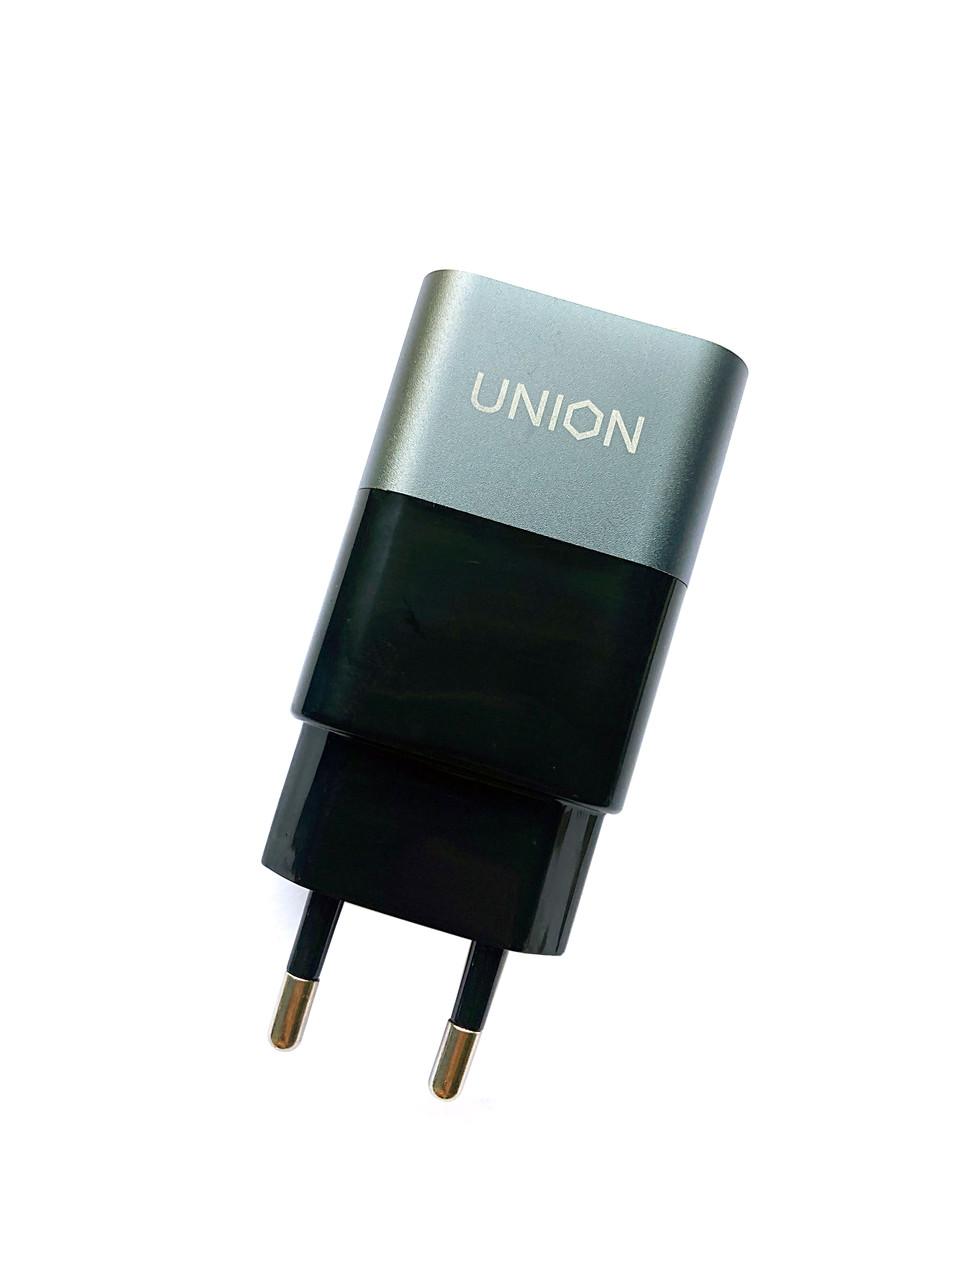 Сетевой USB-адаптер (зарядка) Union Qualcomm Quick Charge 3.0, 1x USB, индикатор заряда